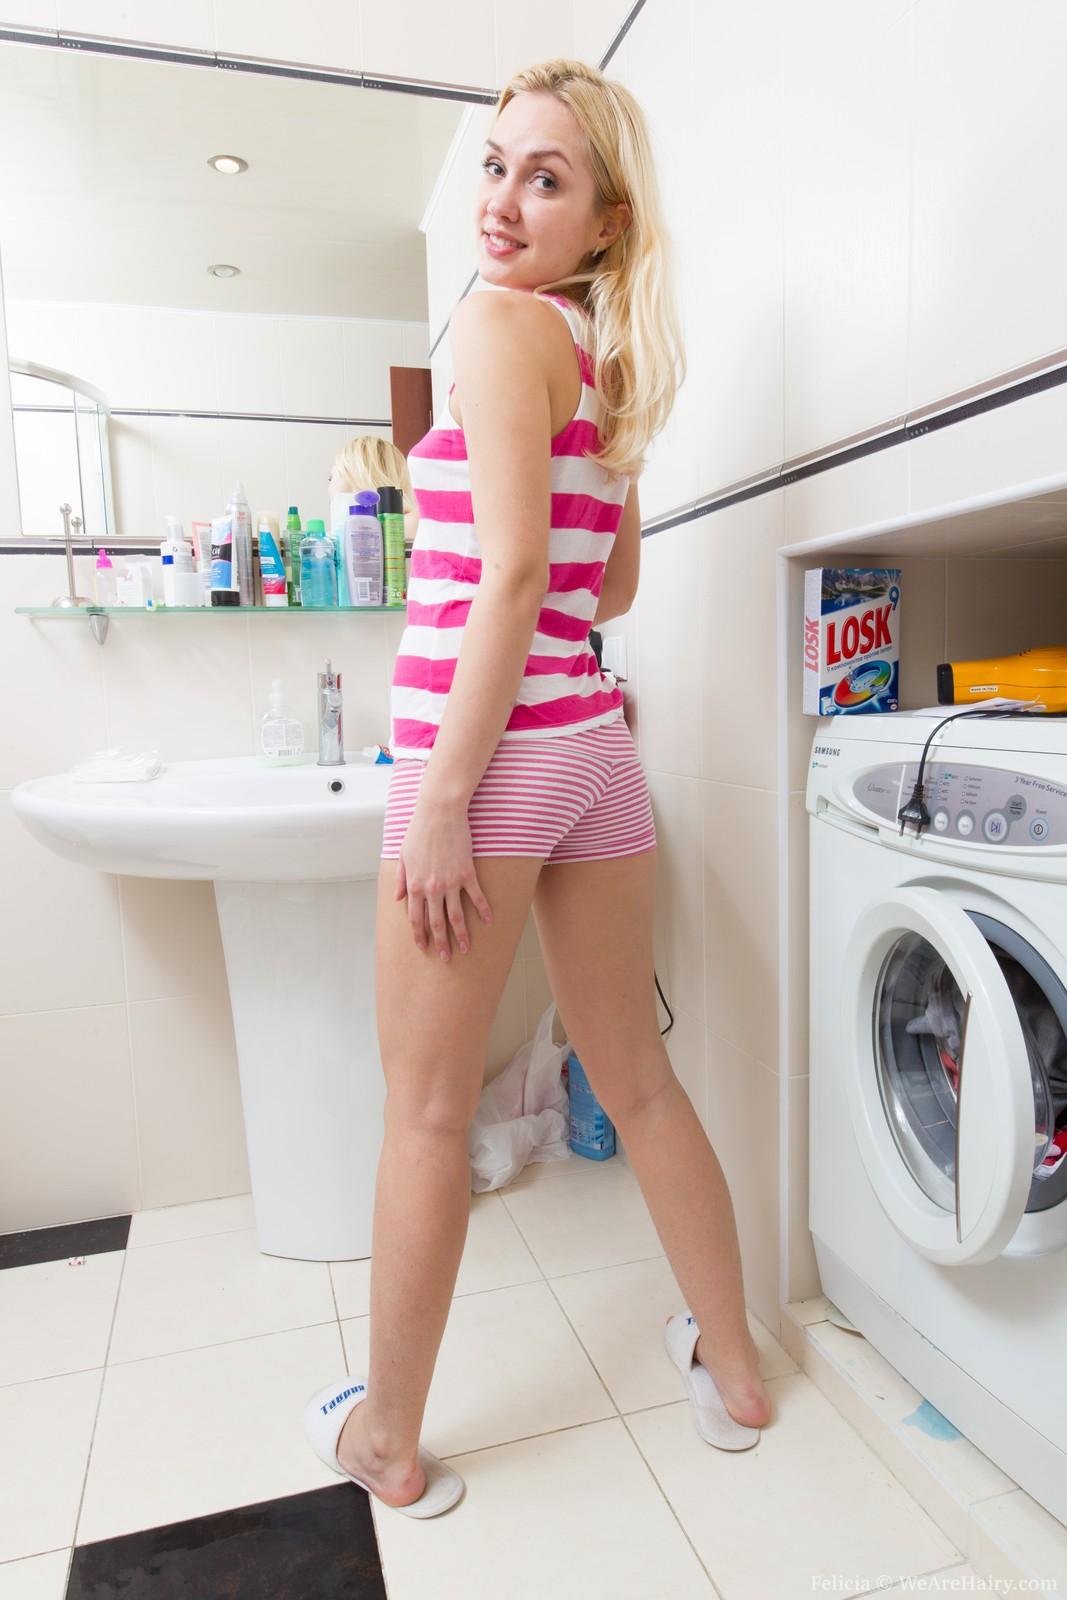 Washing laundry nude girl